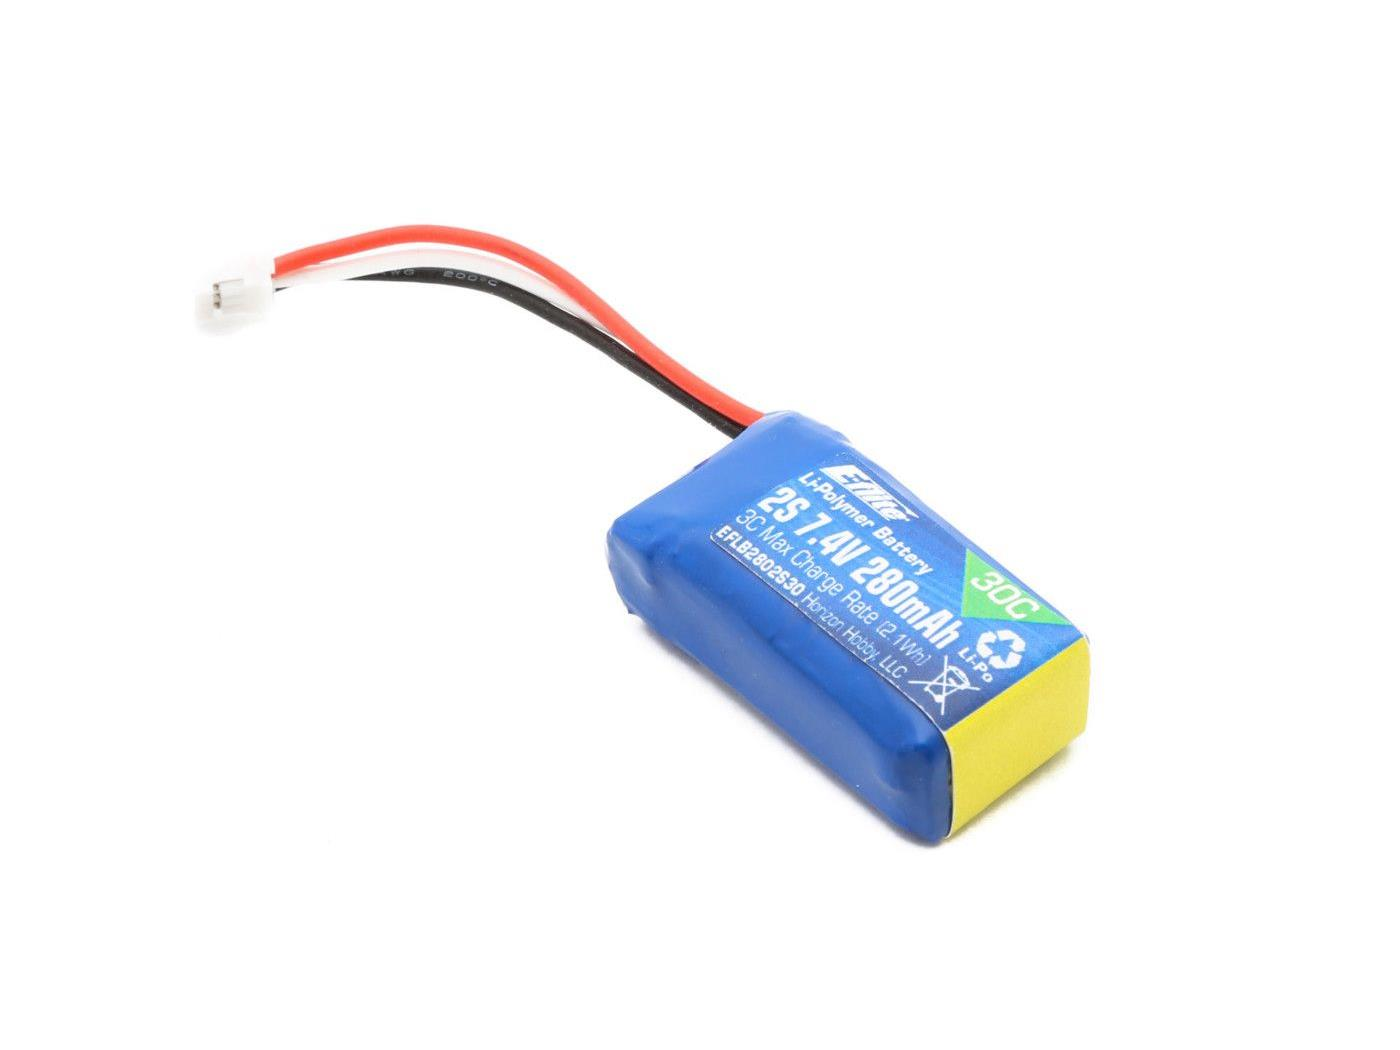 280mAh 2S 7.4V 30C Li-Po Battery